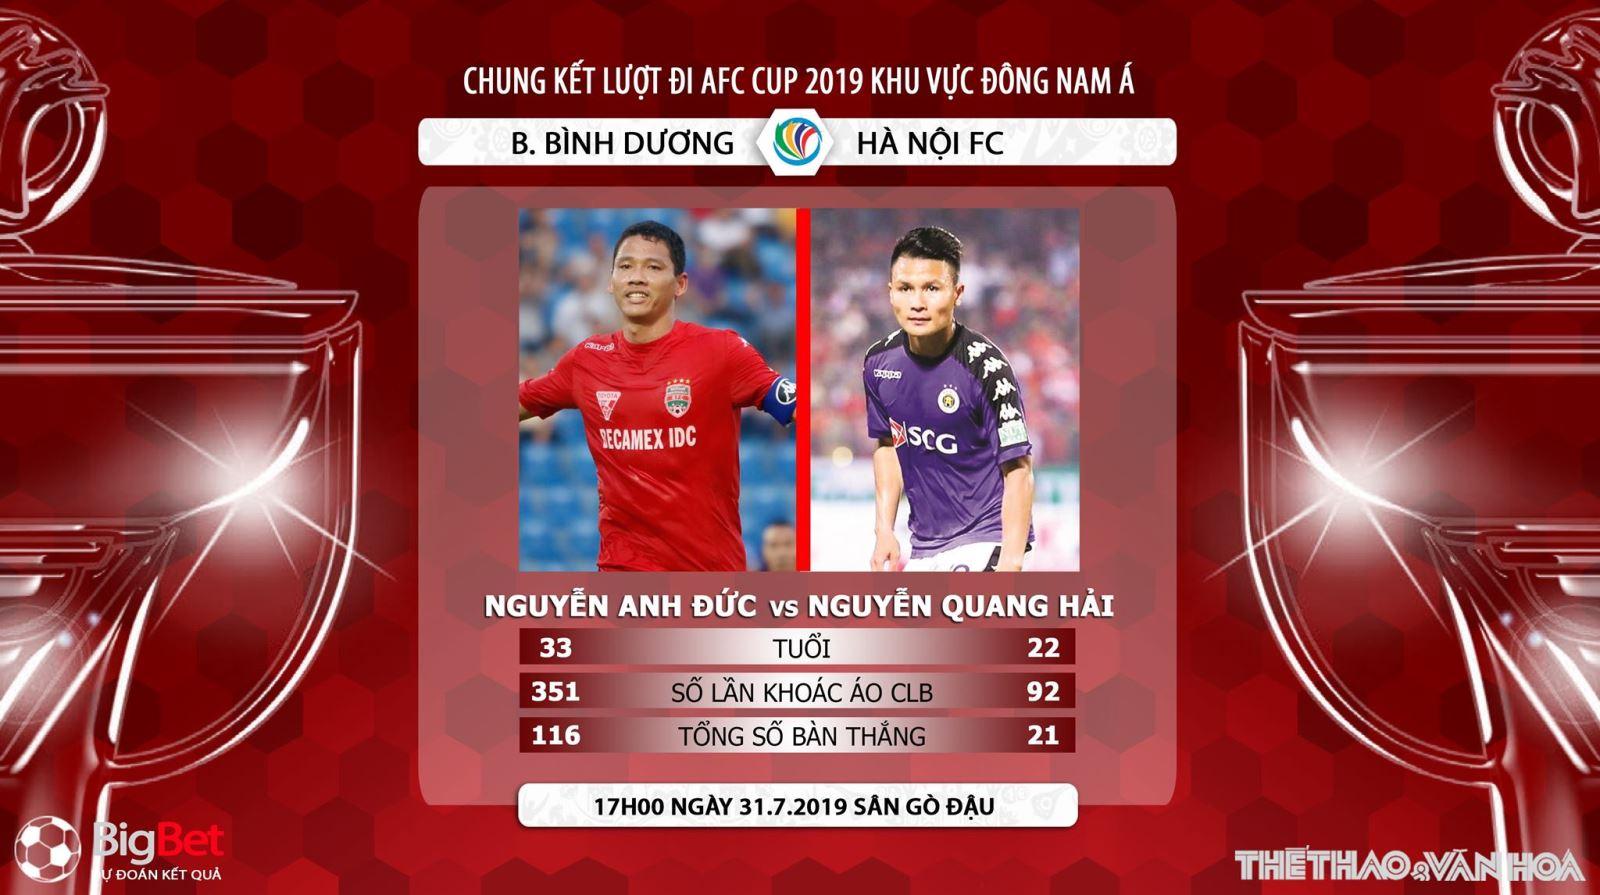 Bình Dương vs Hà Nội, trực tiếp bóng đá,  Bình Dương đấu với Hà Nội, soi kèo bóng đá, truc tiep bong da, V-League 2019, VTV6, Bóng đá TV, FPT Play, V League